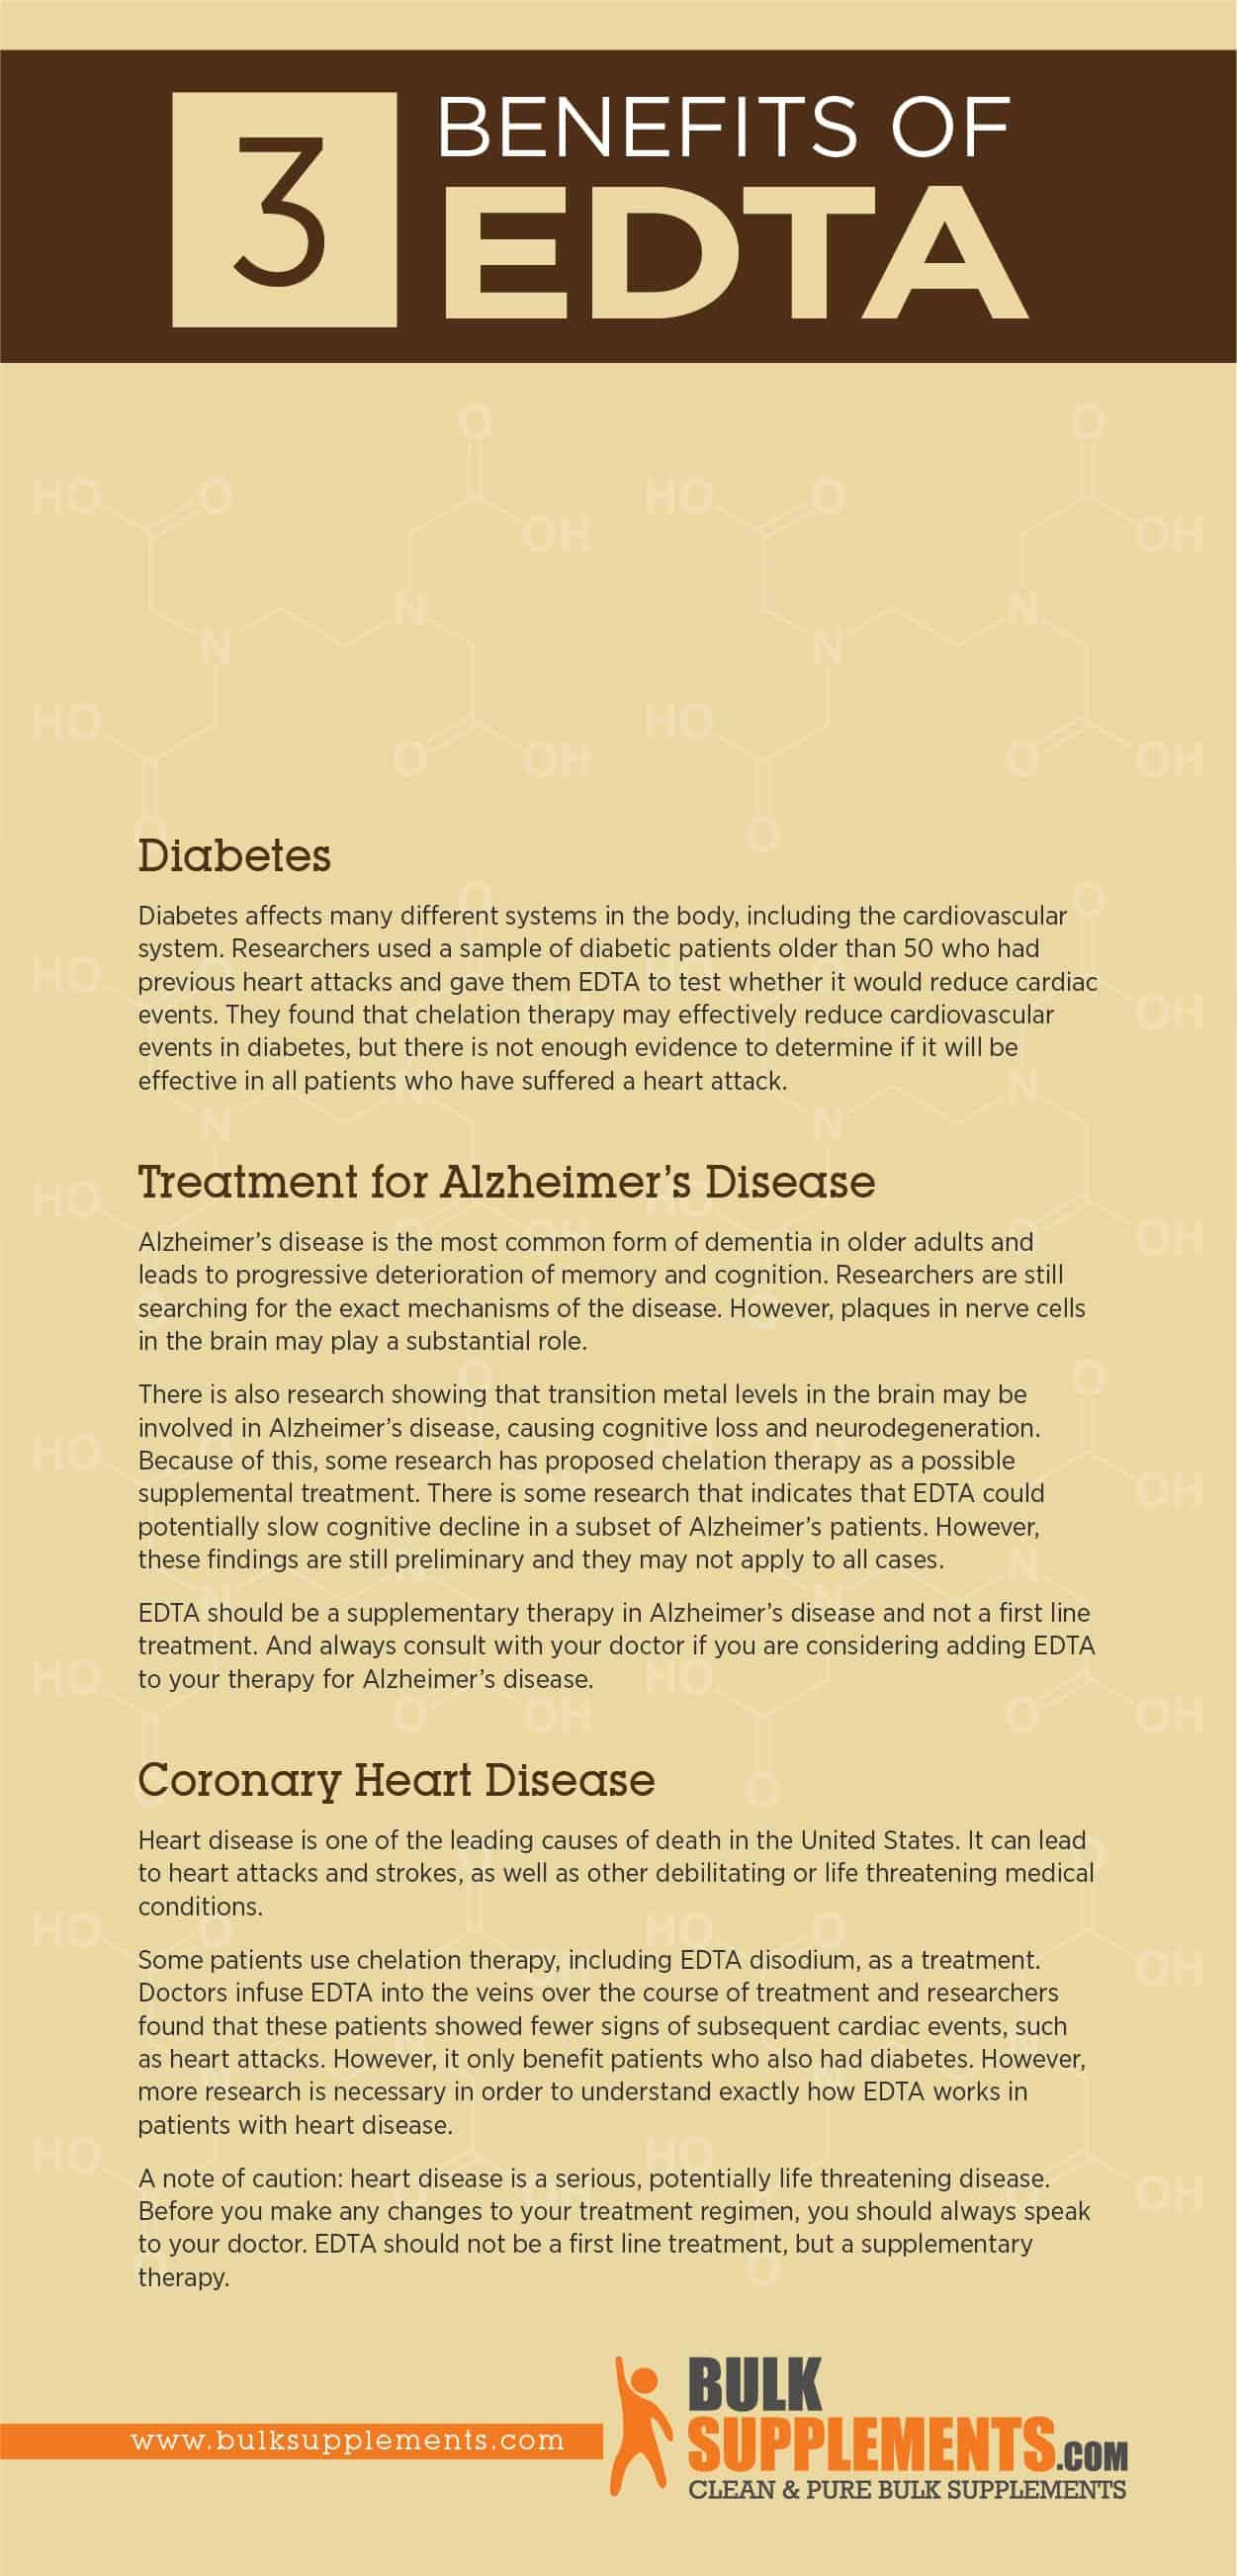 EDTA Benefits